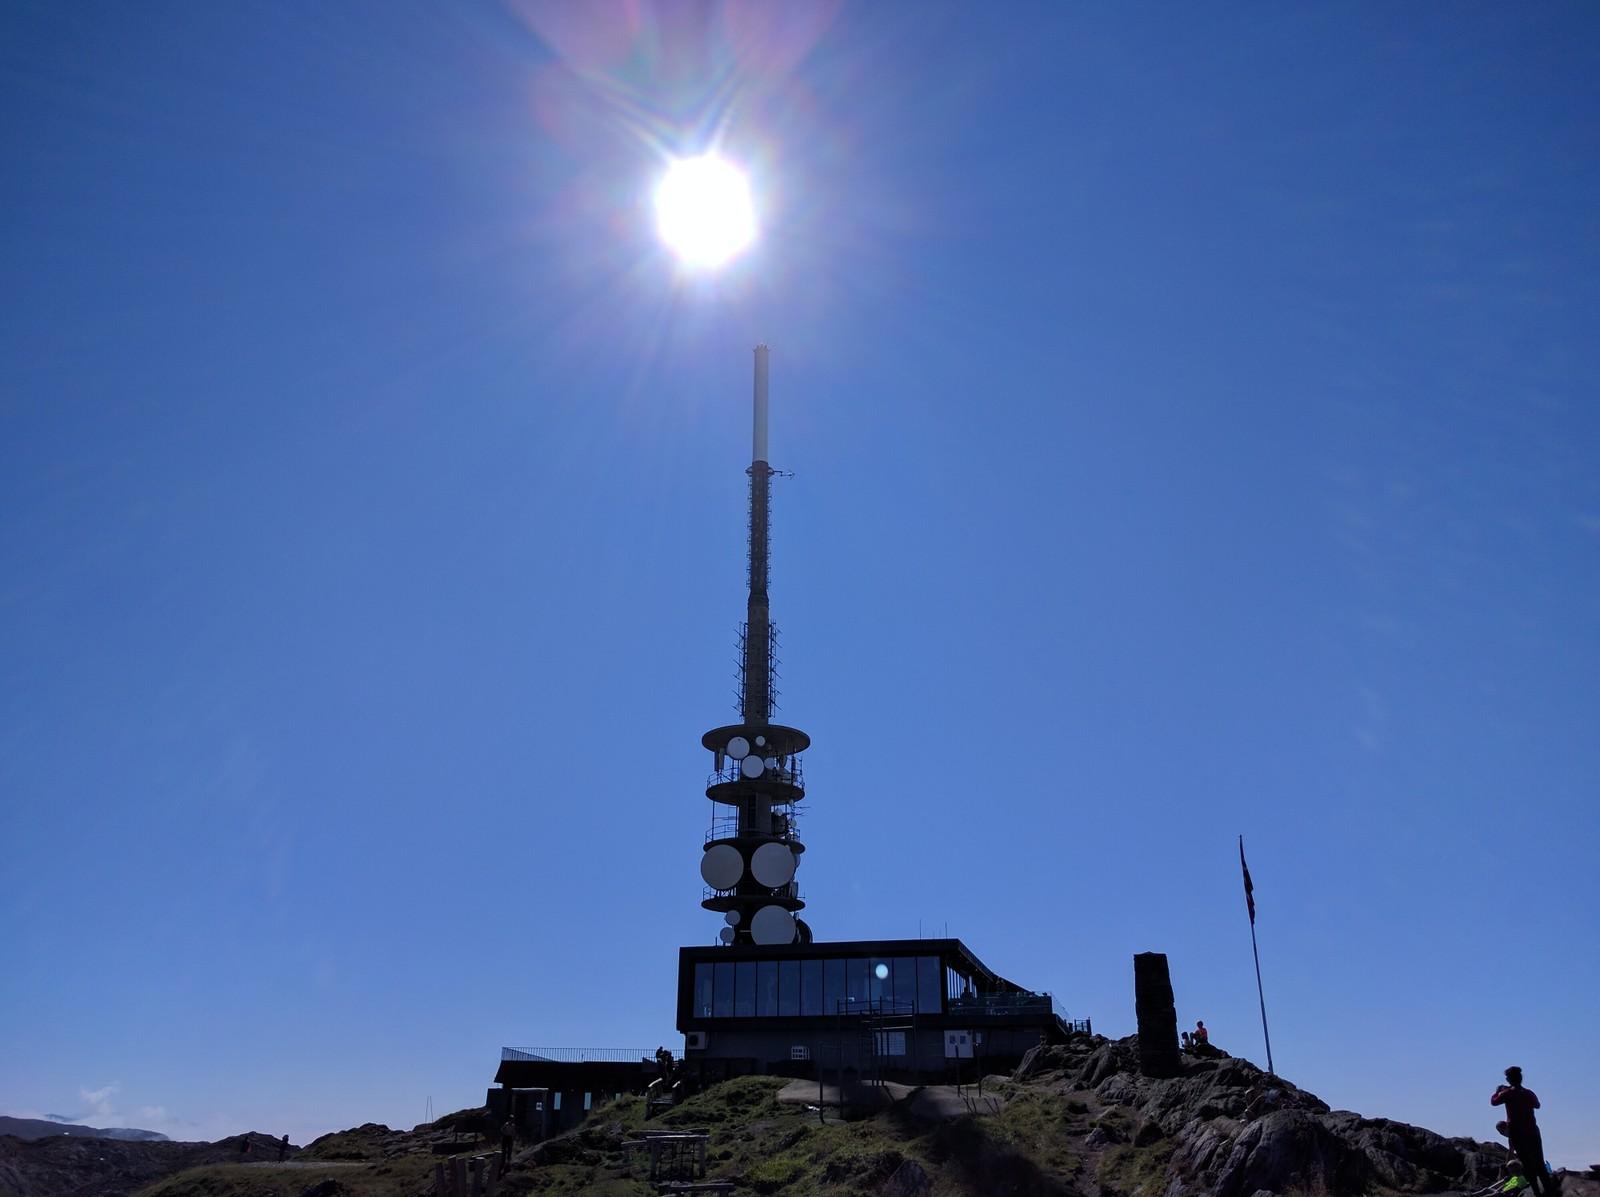 SOMMER PÅ ULRIKEN: Strålende sol fra skyfri himmel i Bergen i dag. Bare du kommer deg høyt nok til fjells.